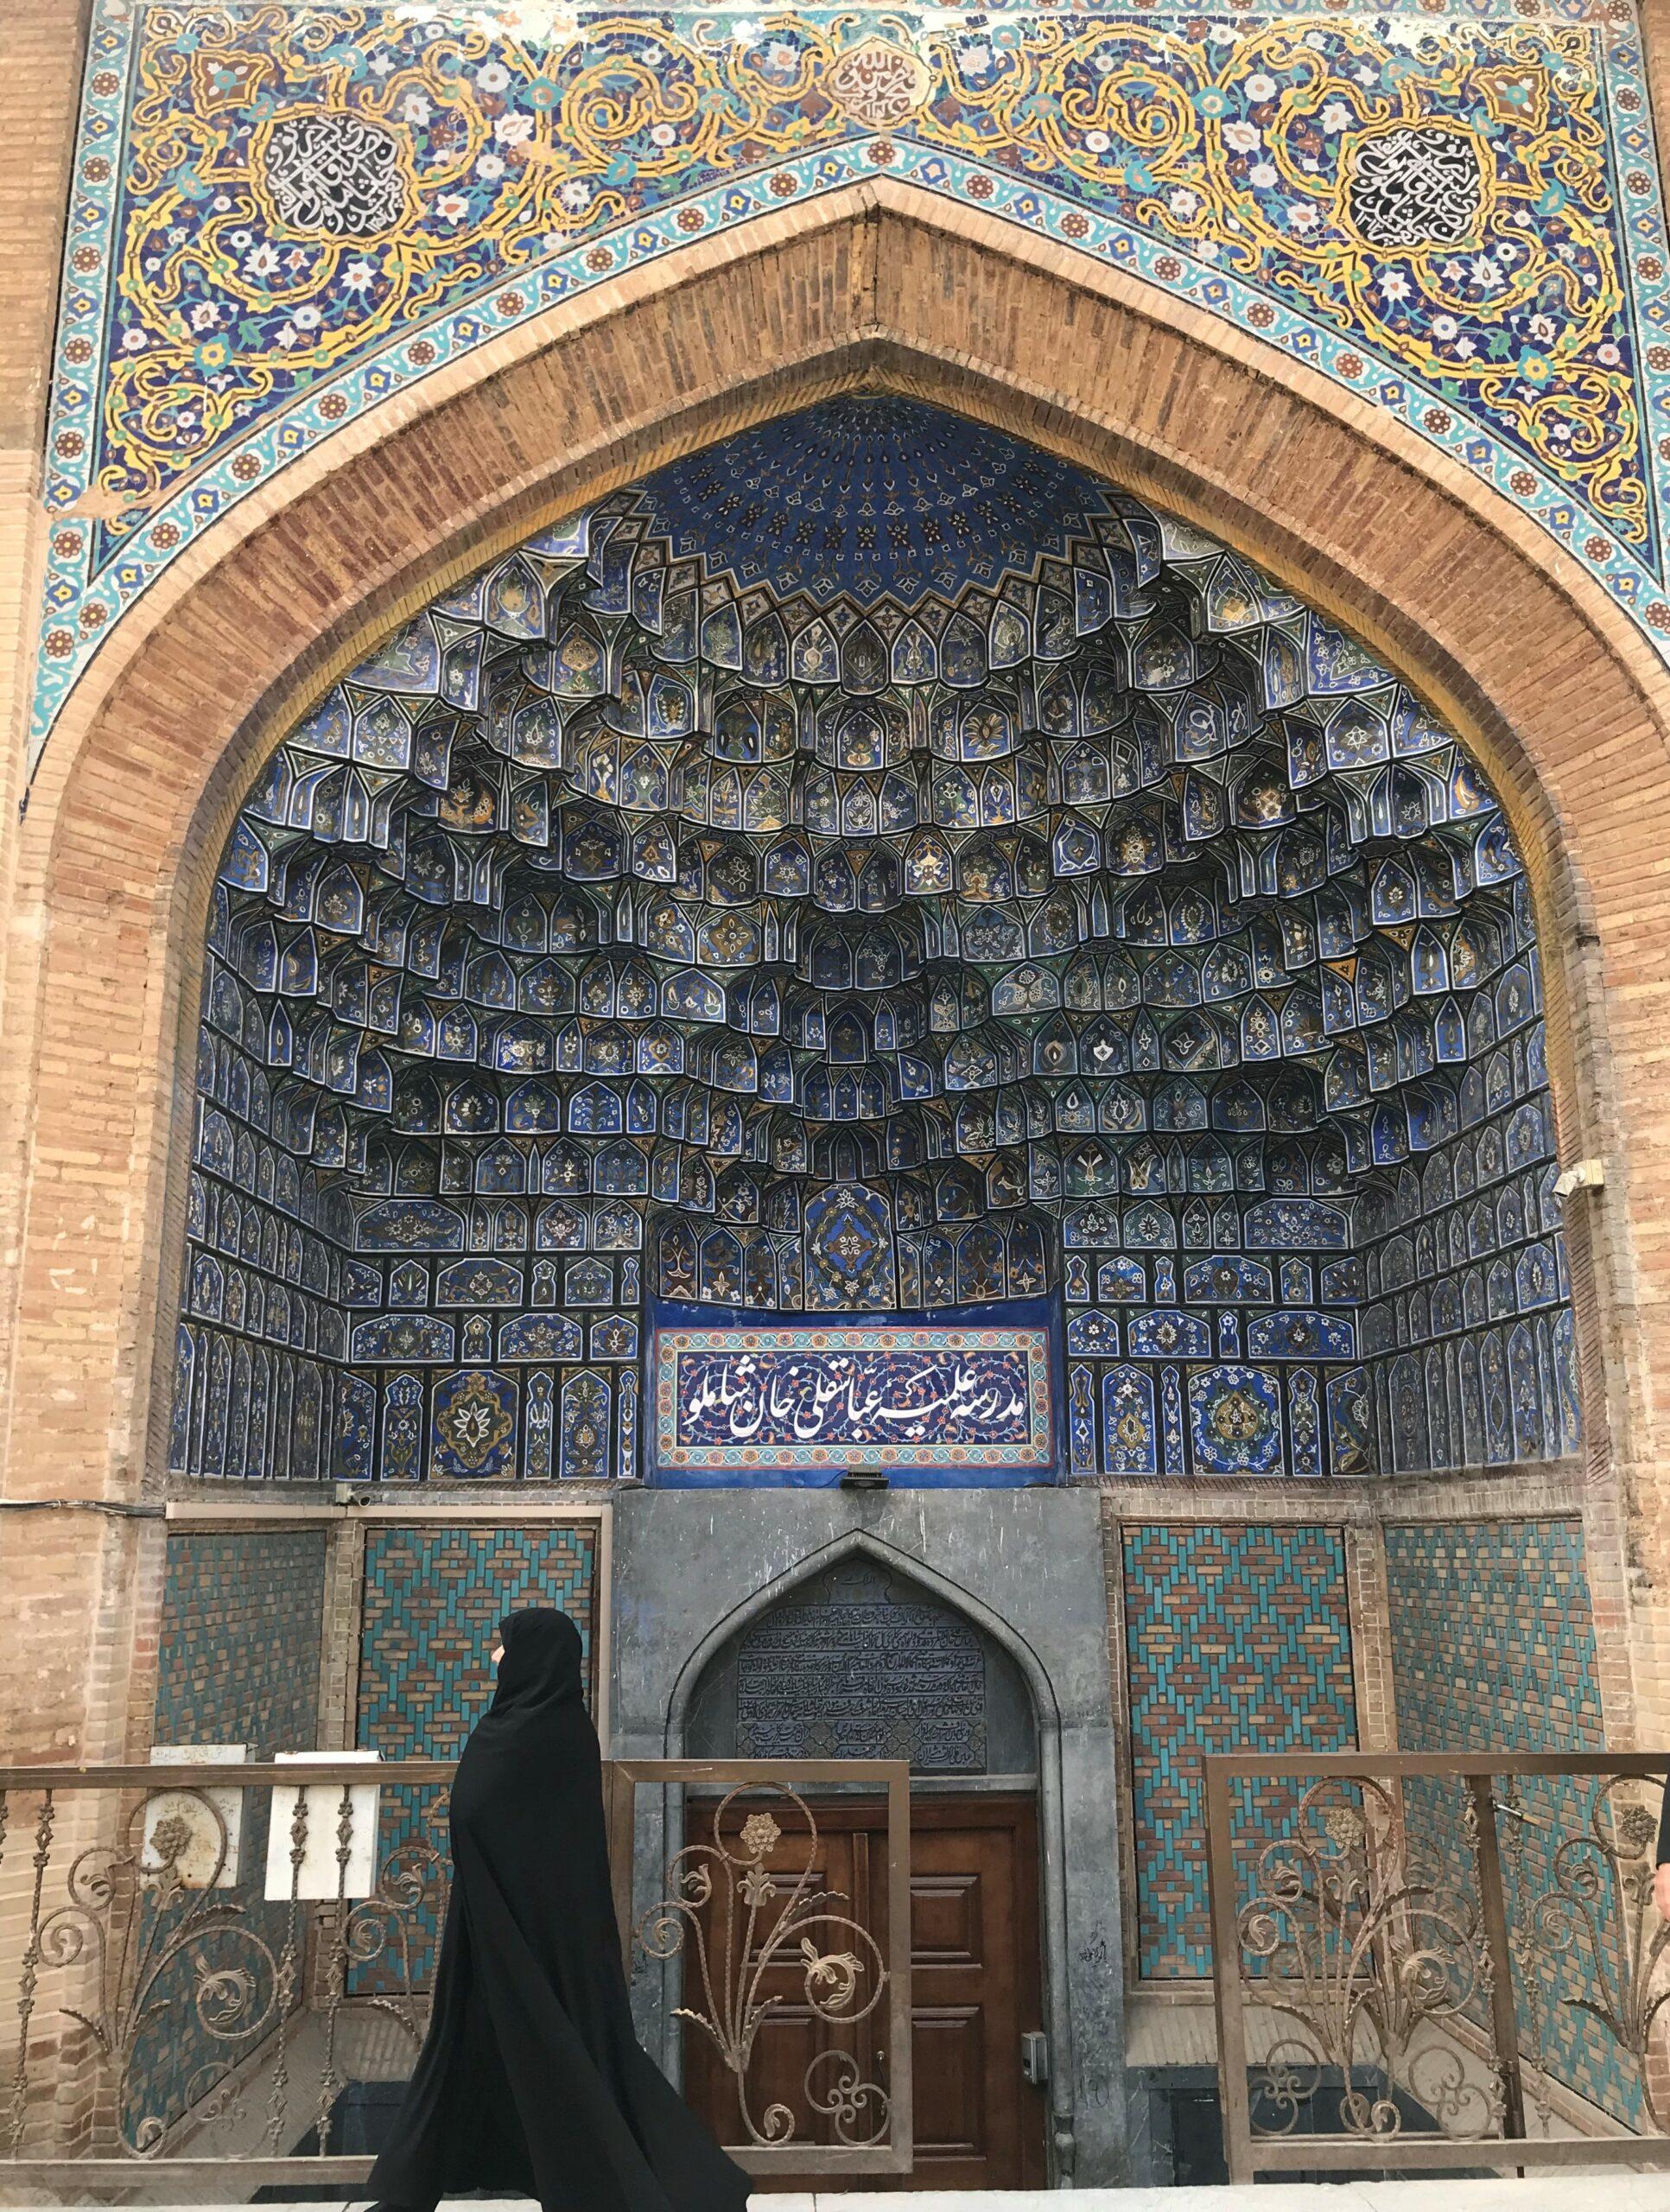 مدرسه عباسقلی خان،جاذبه های تاریخی شهر مشهد